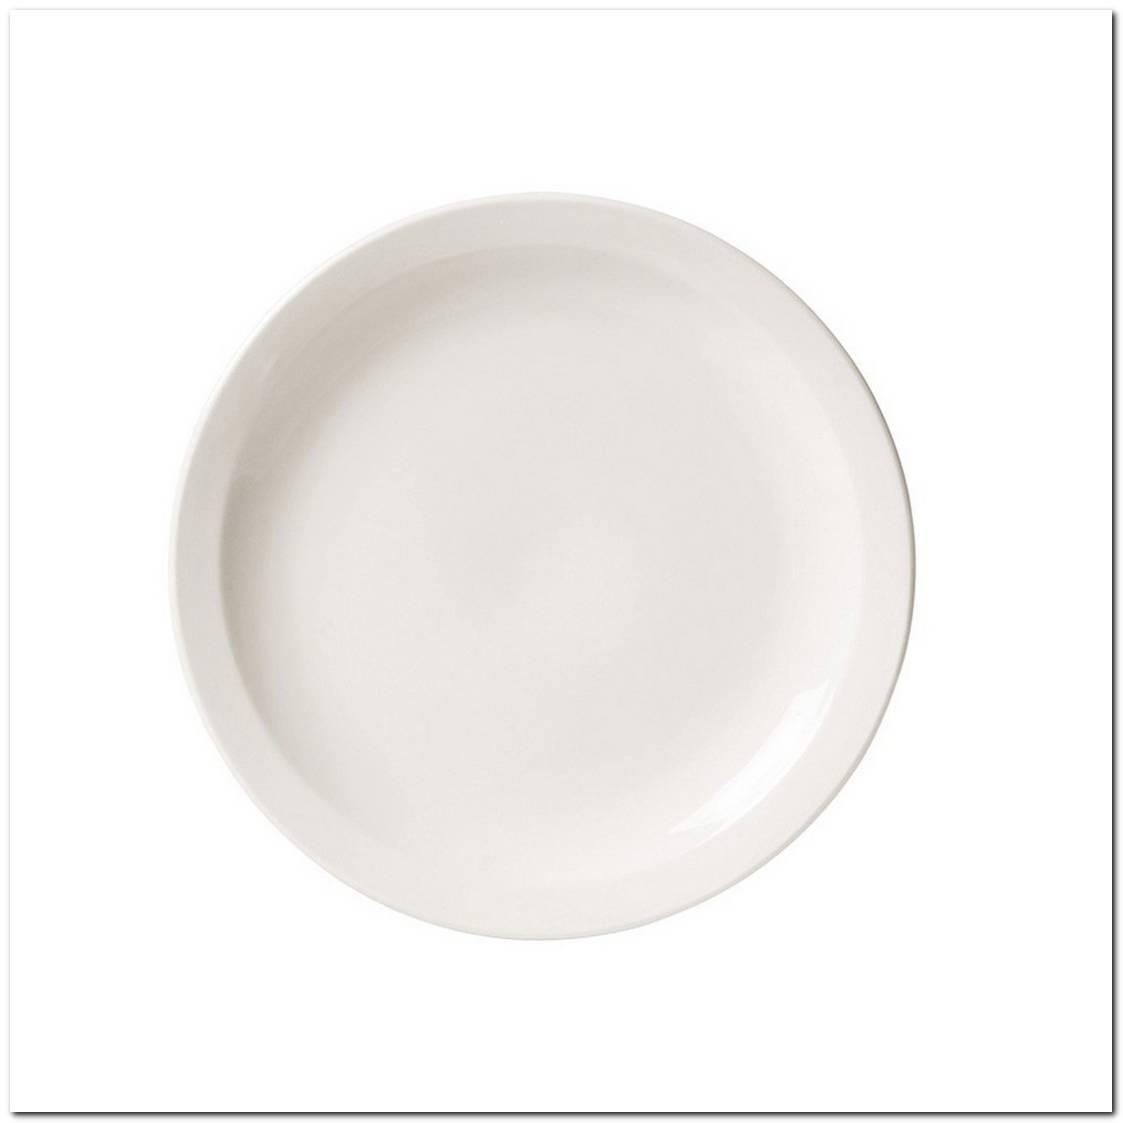 Prato Branco Avulso